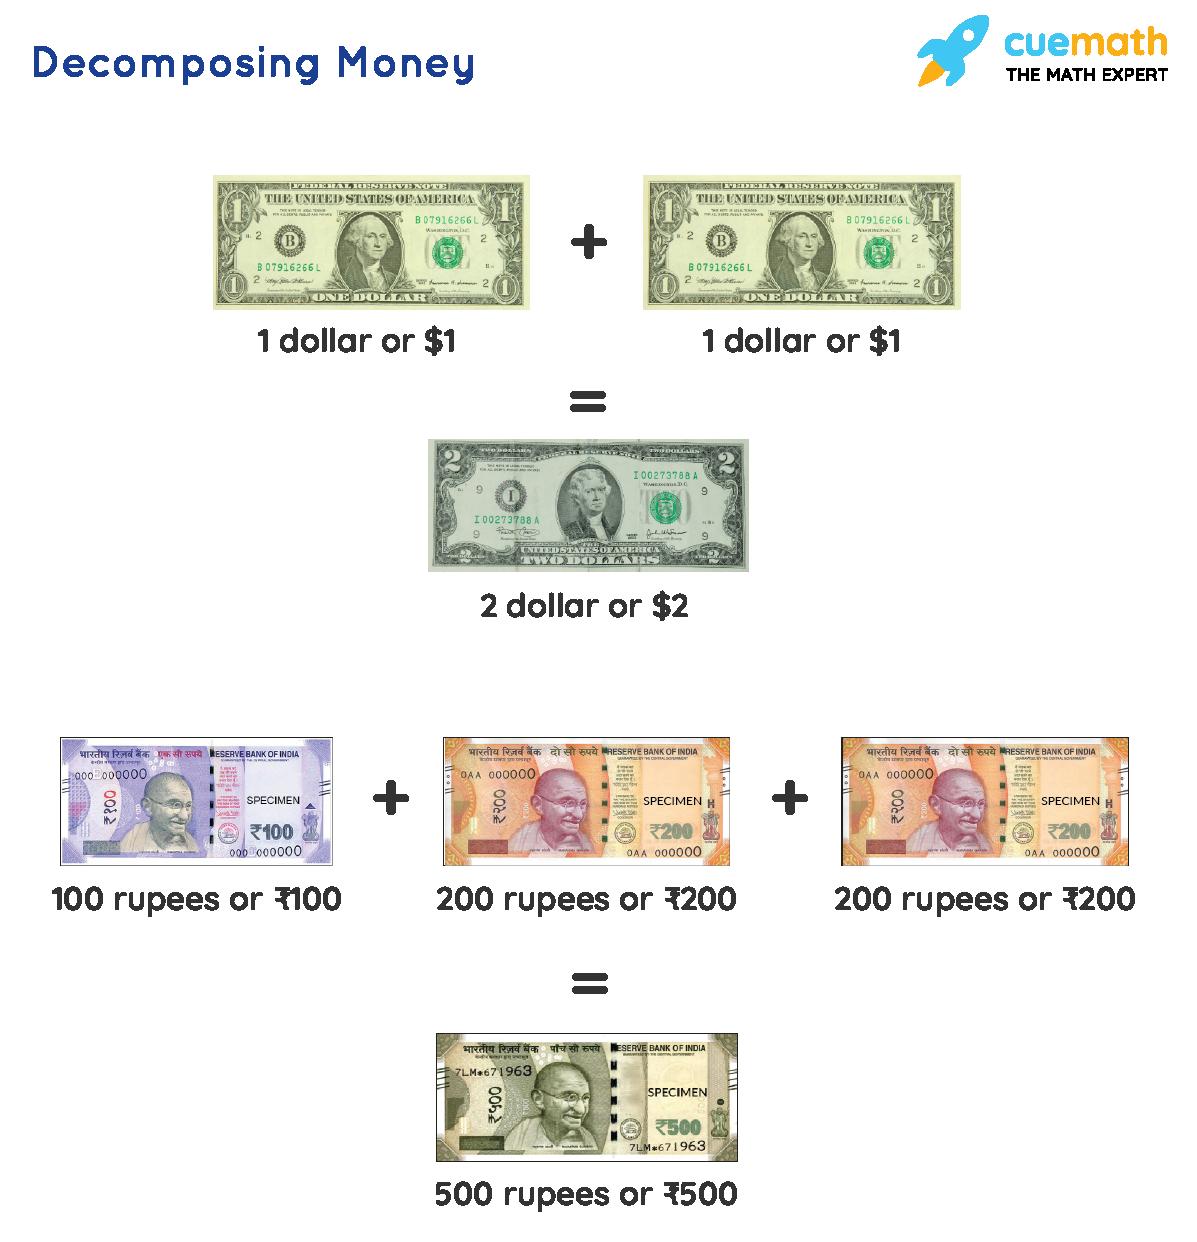 Decomposing Money